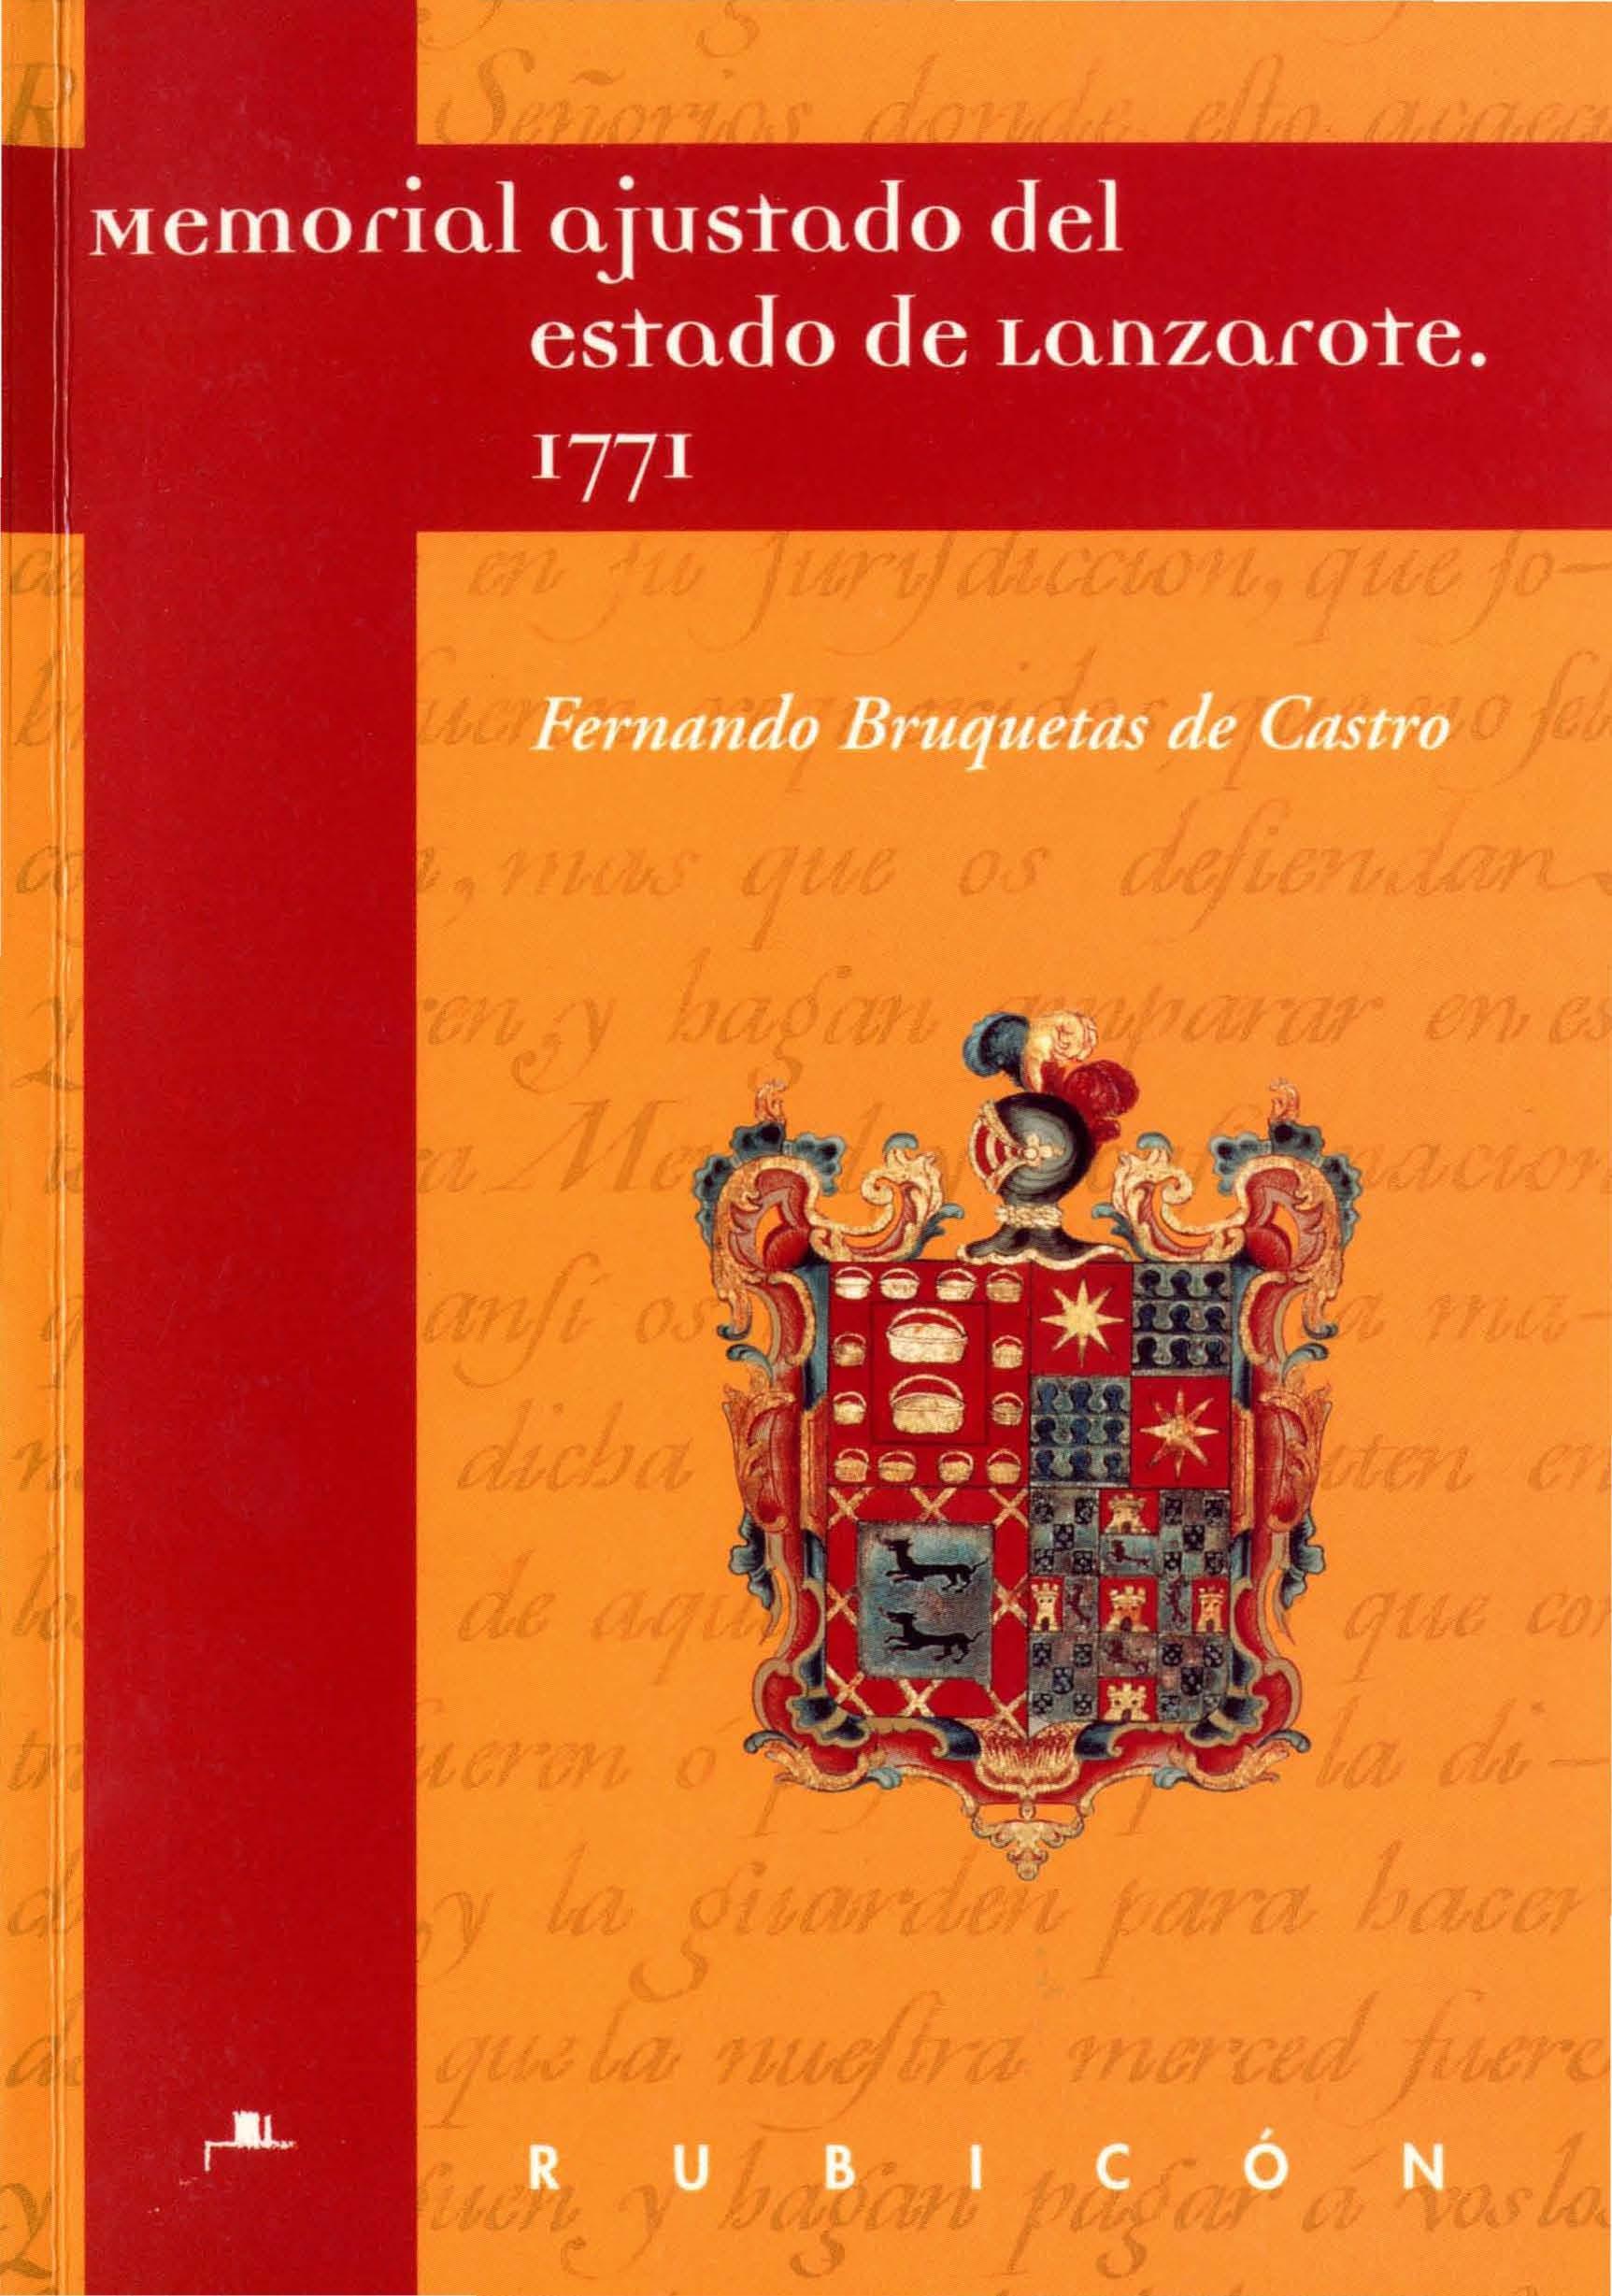 Memorial ajustado del estado de Lanzarote: (sobre la incorporación a la Corona de Lanzarote y Fuerteventura) : 1771